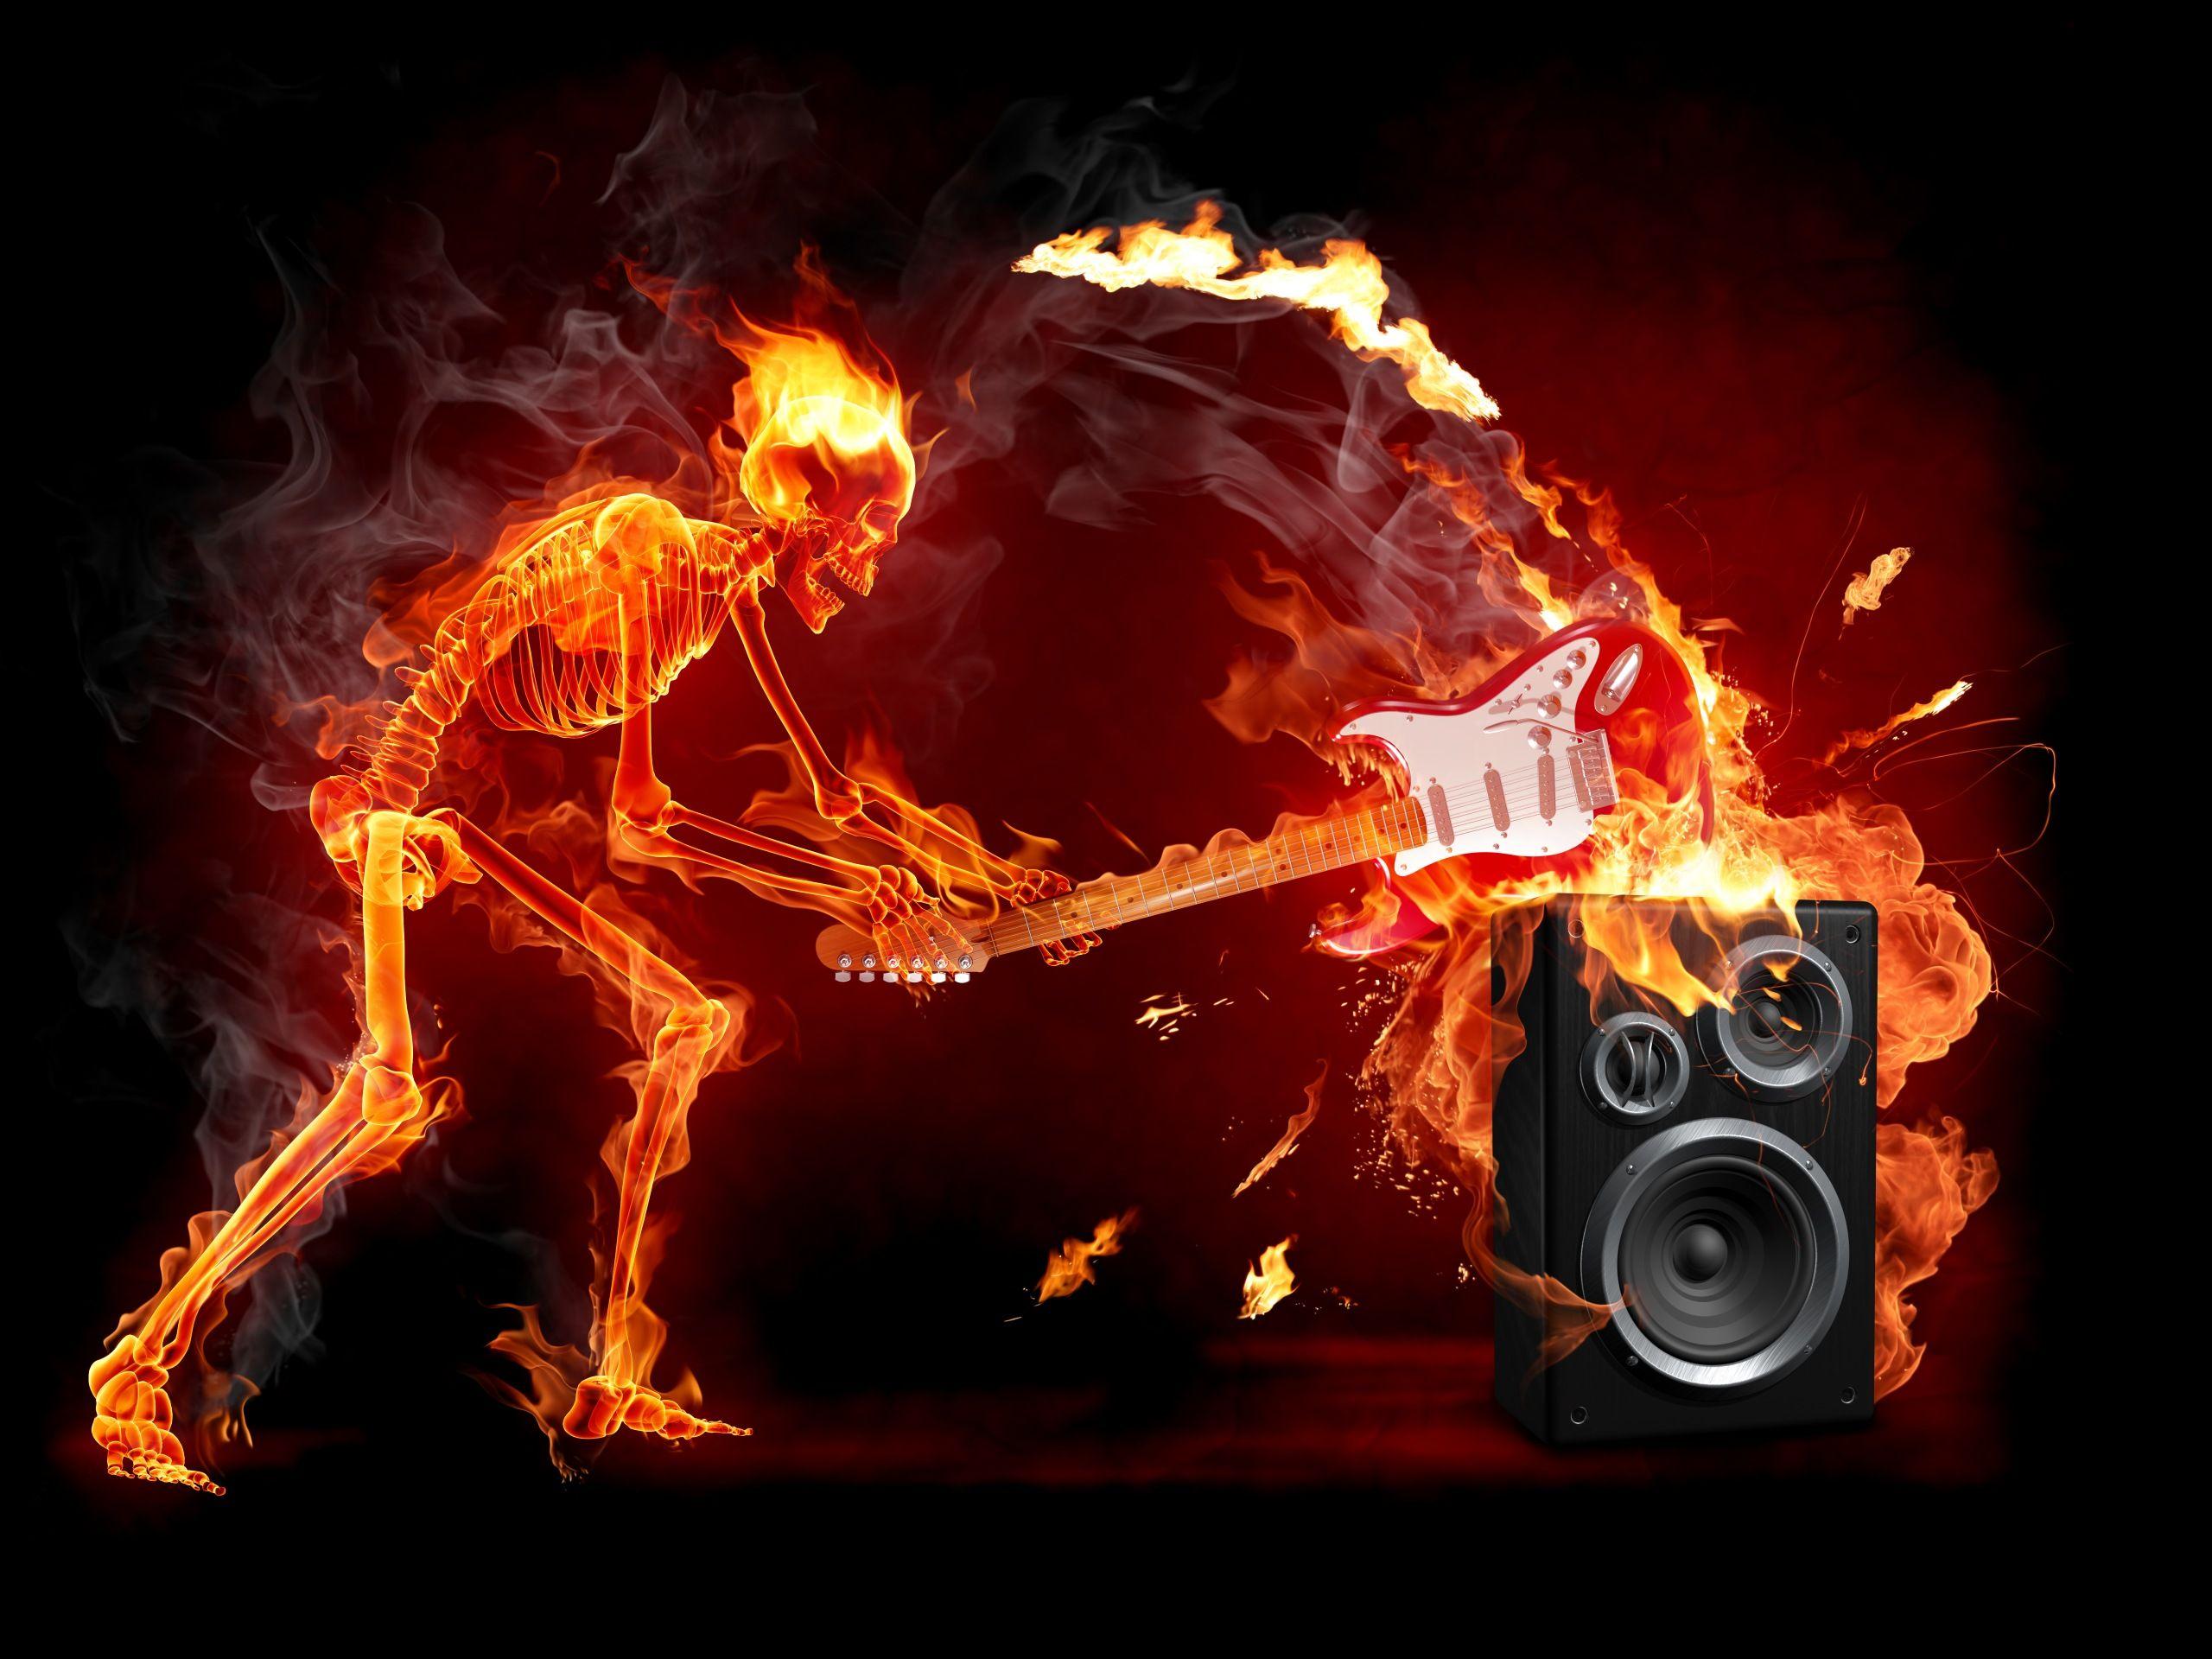 Fond d cran hd musique rock fond d 39 cran hd gratuit for Ecran de fond hd